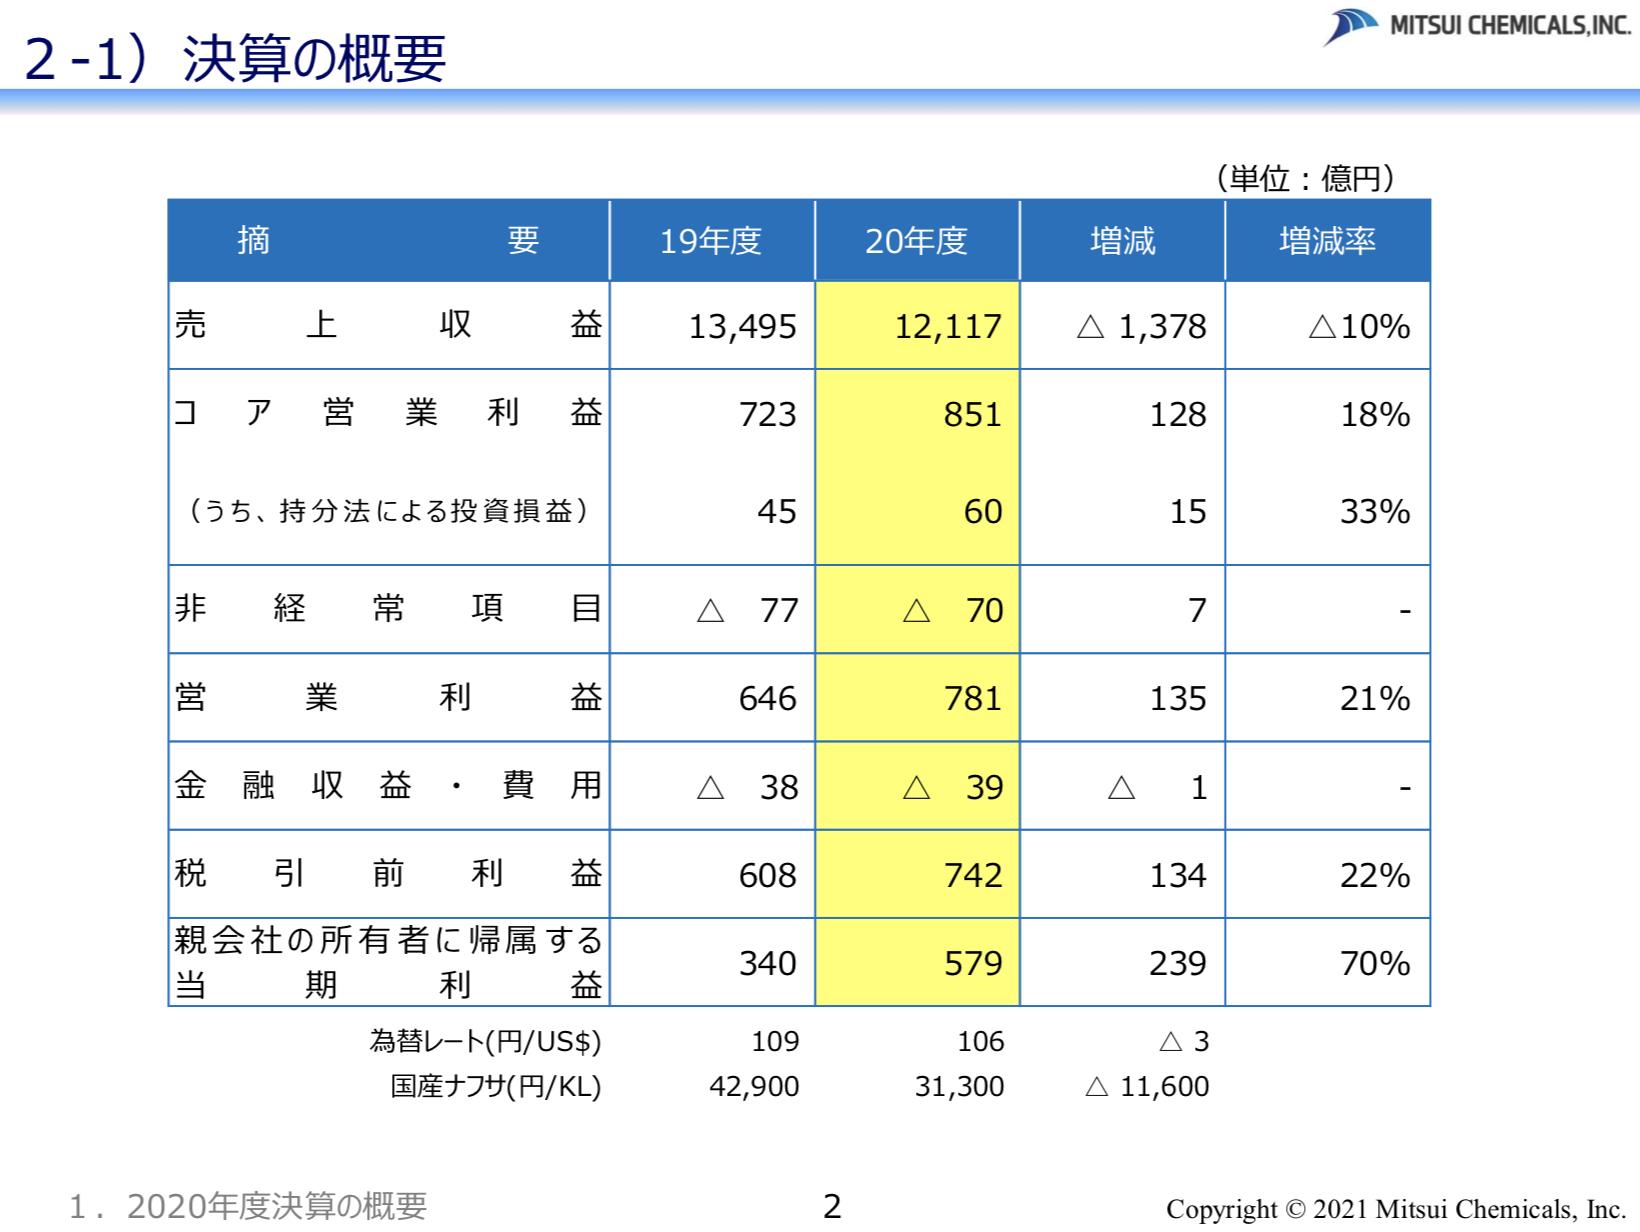 三井化学株式会社 2020年度決算の概要及び 2021年度業績予想の概要